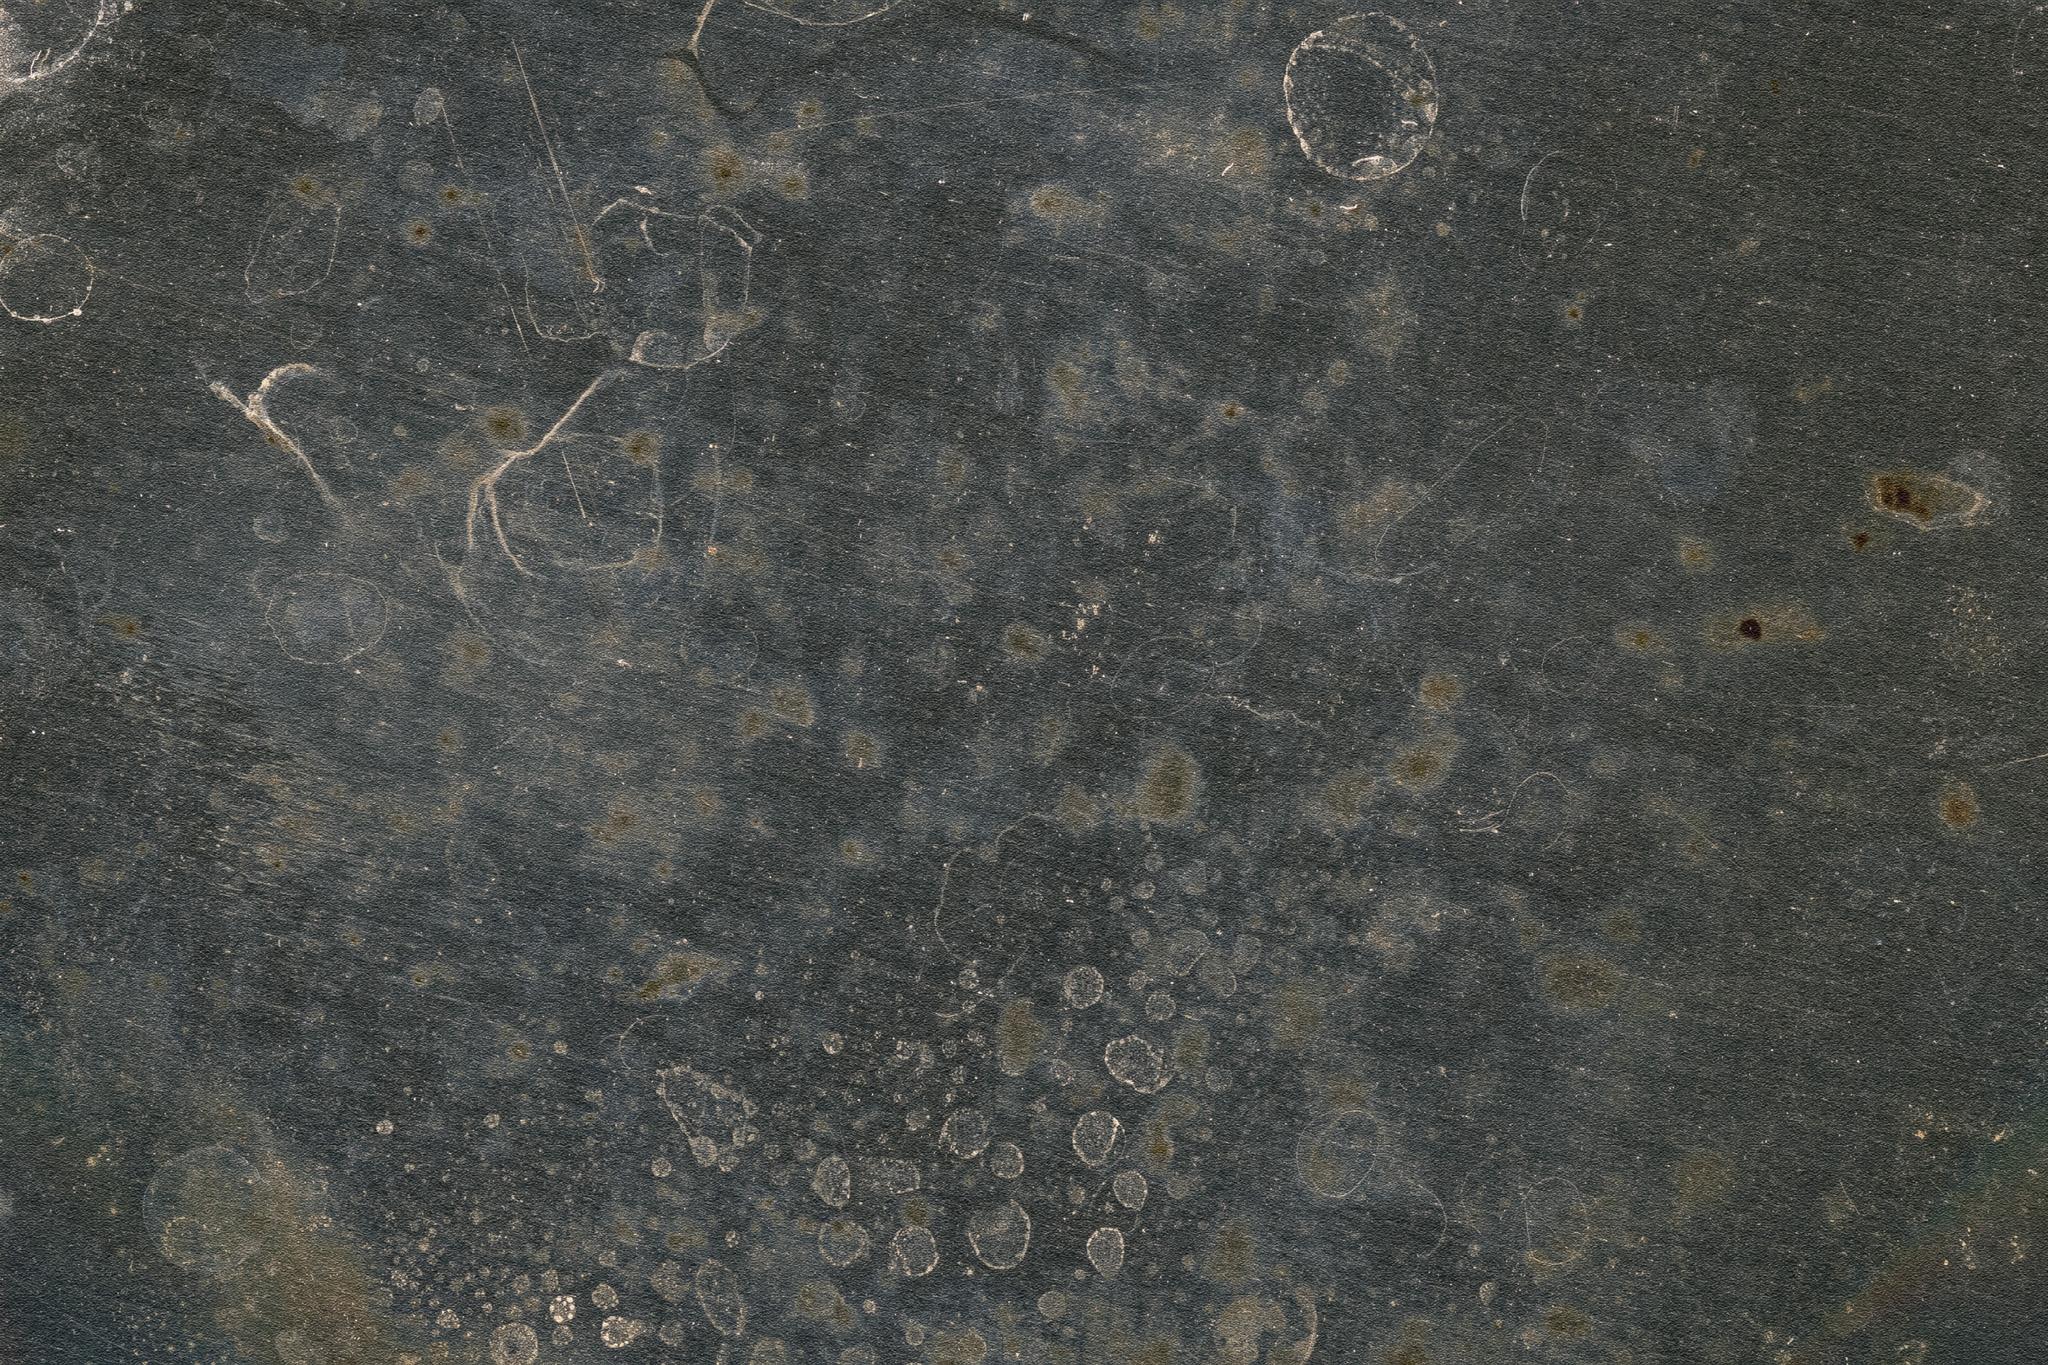 「使い古されたマテリアルが残る鉄板」